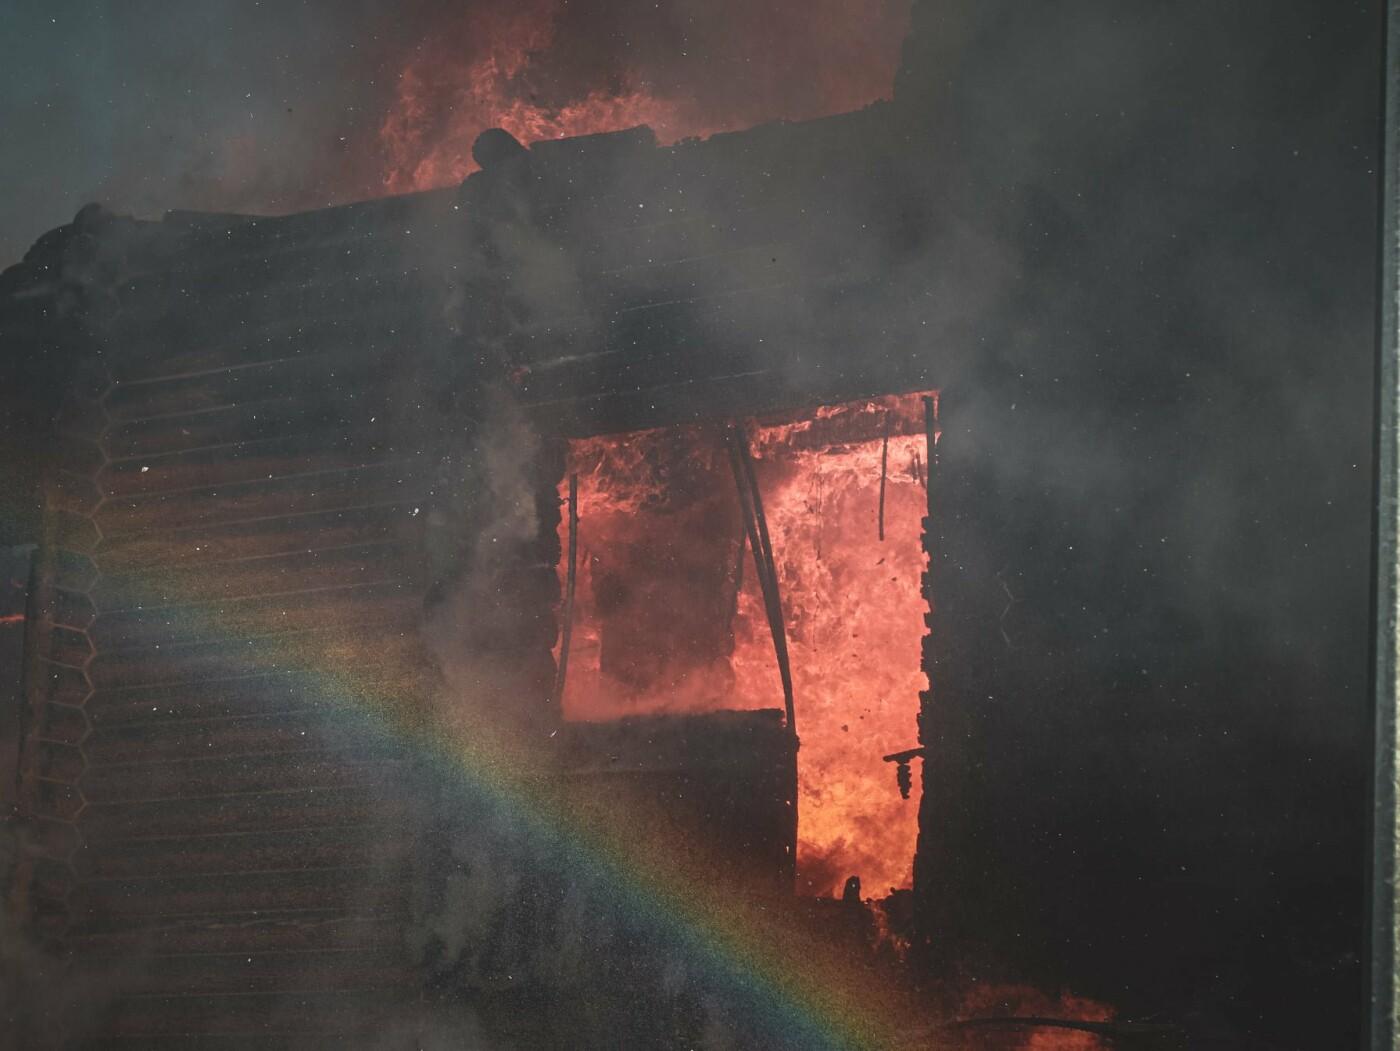 На Броварском проспекте в Киеве горела база отдыха., Фото: Главное управление ДСНС Украины в Киеве